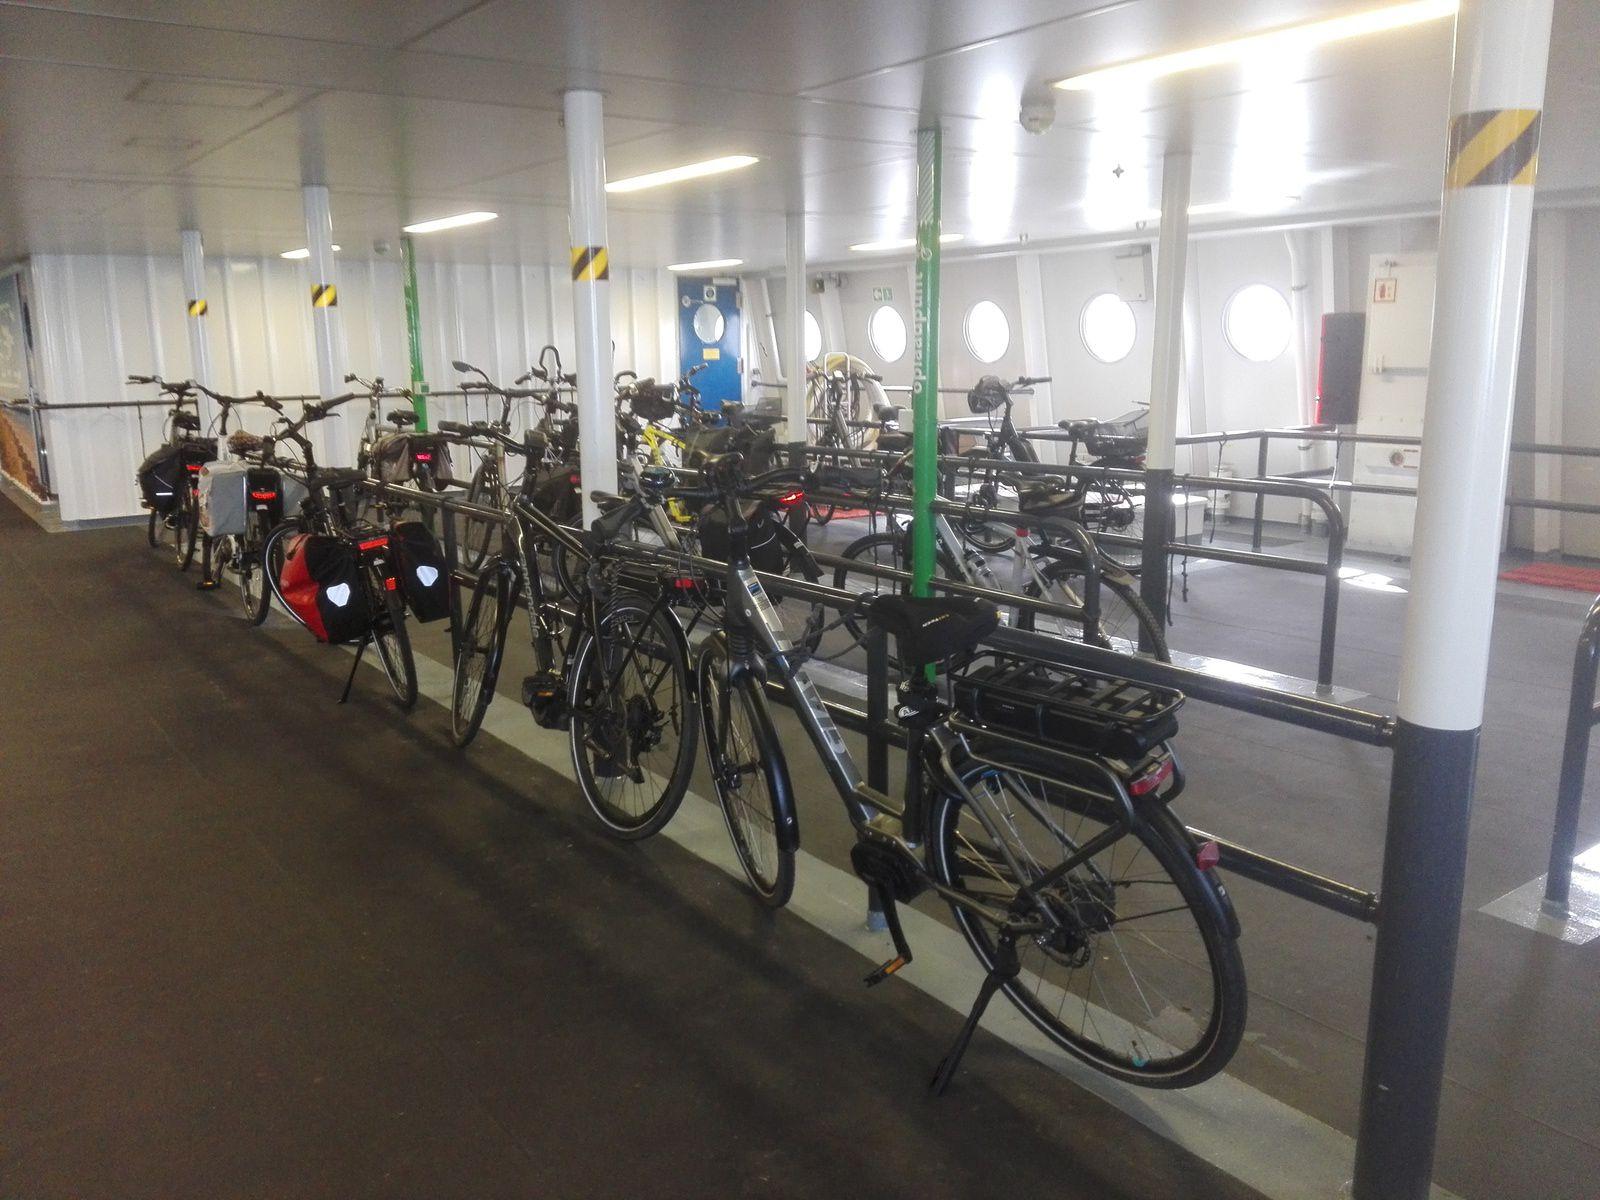 premiers contacts avec les pays bas, dans le bac, parking spécial pour les vélo, on est bien au paradis des cyclistes